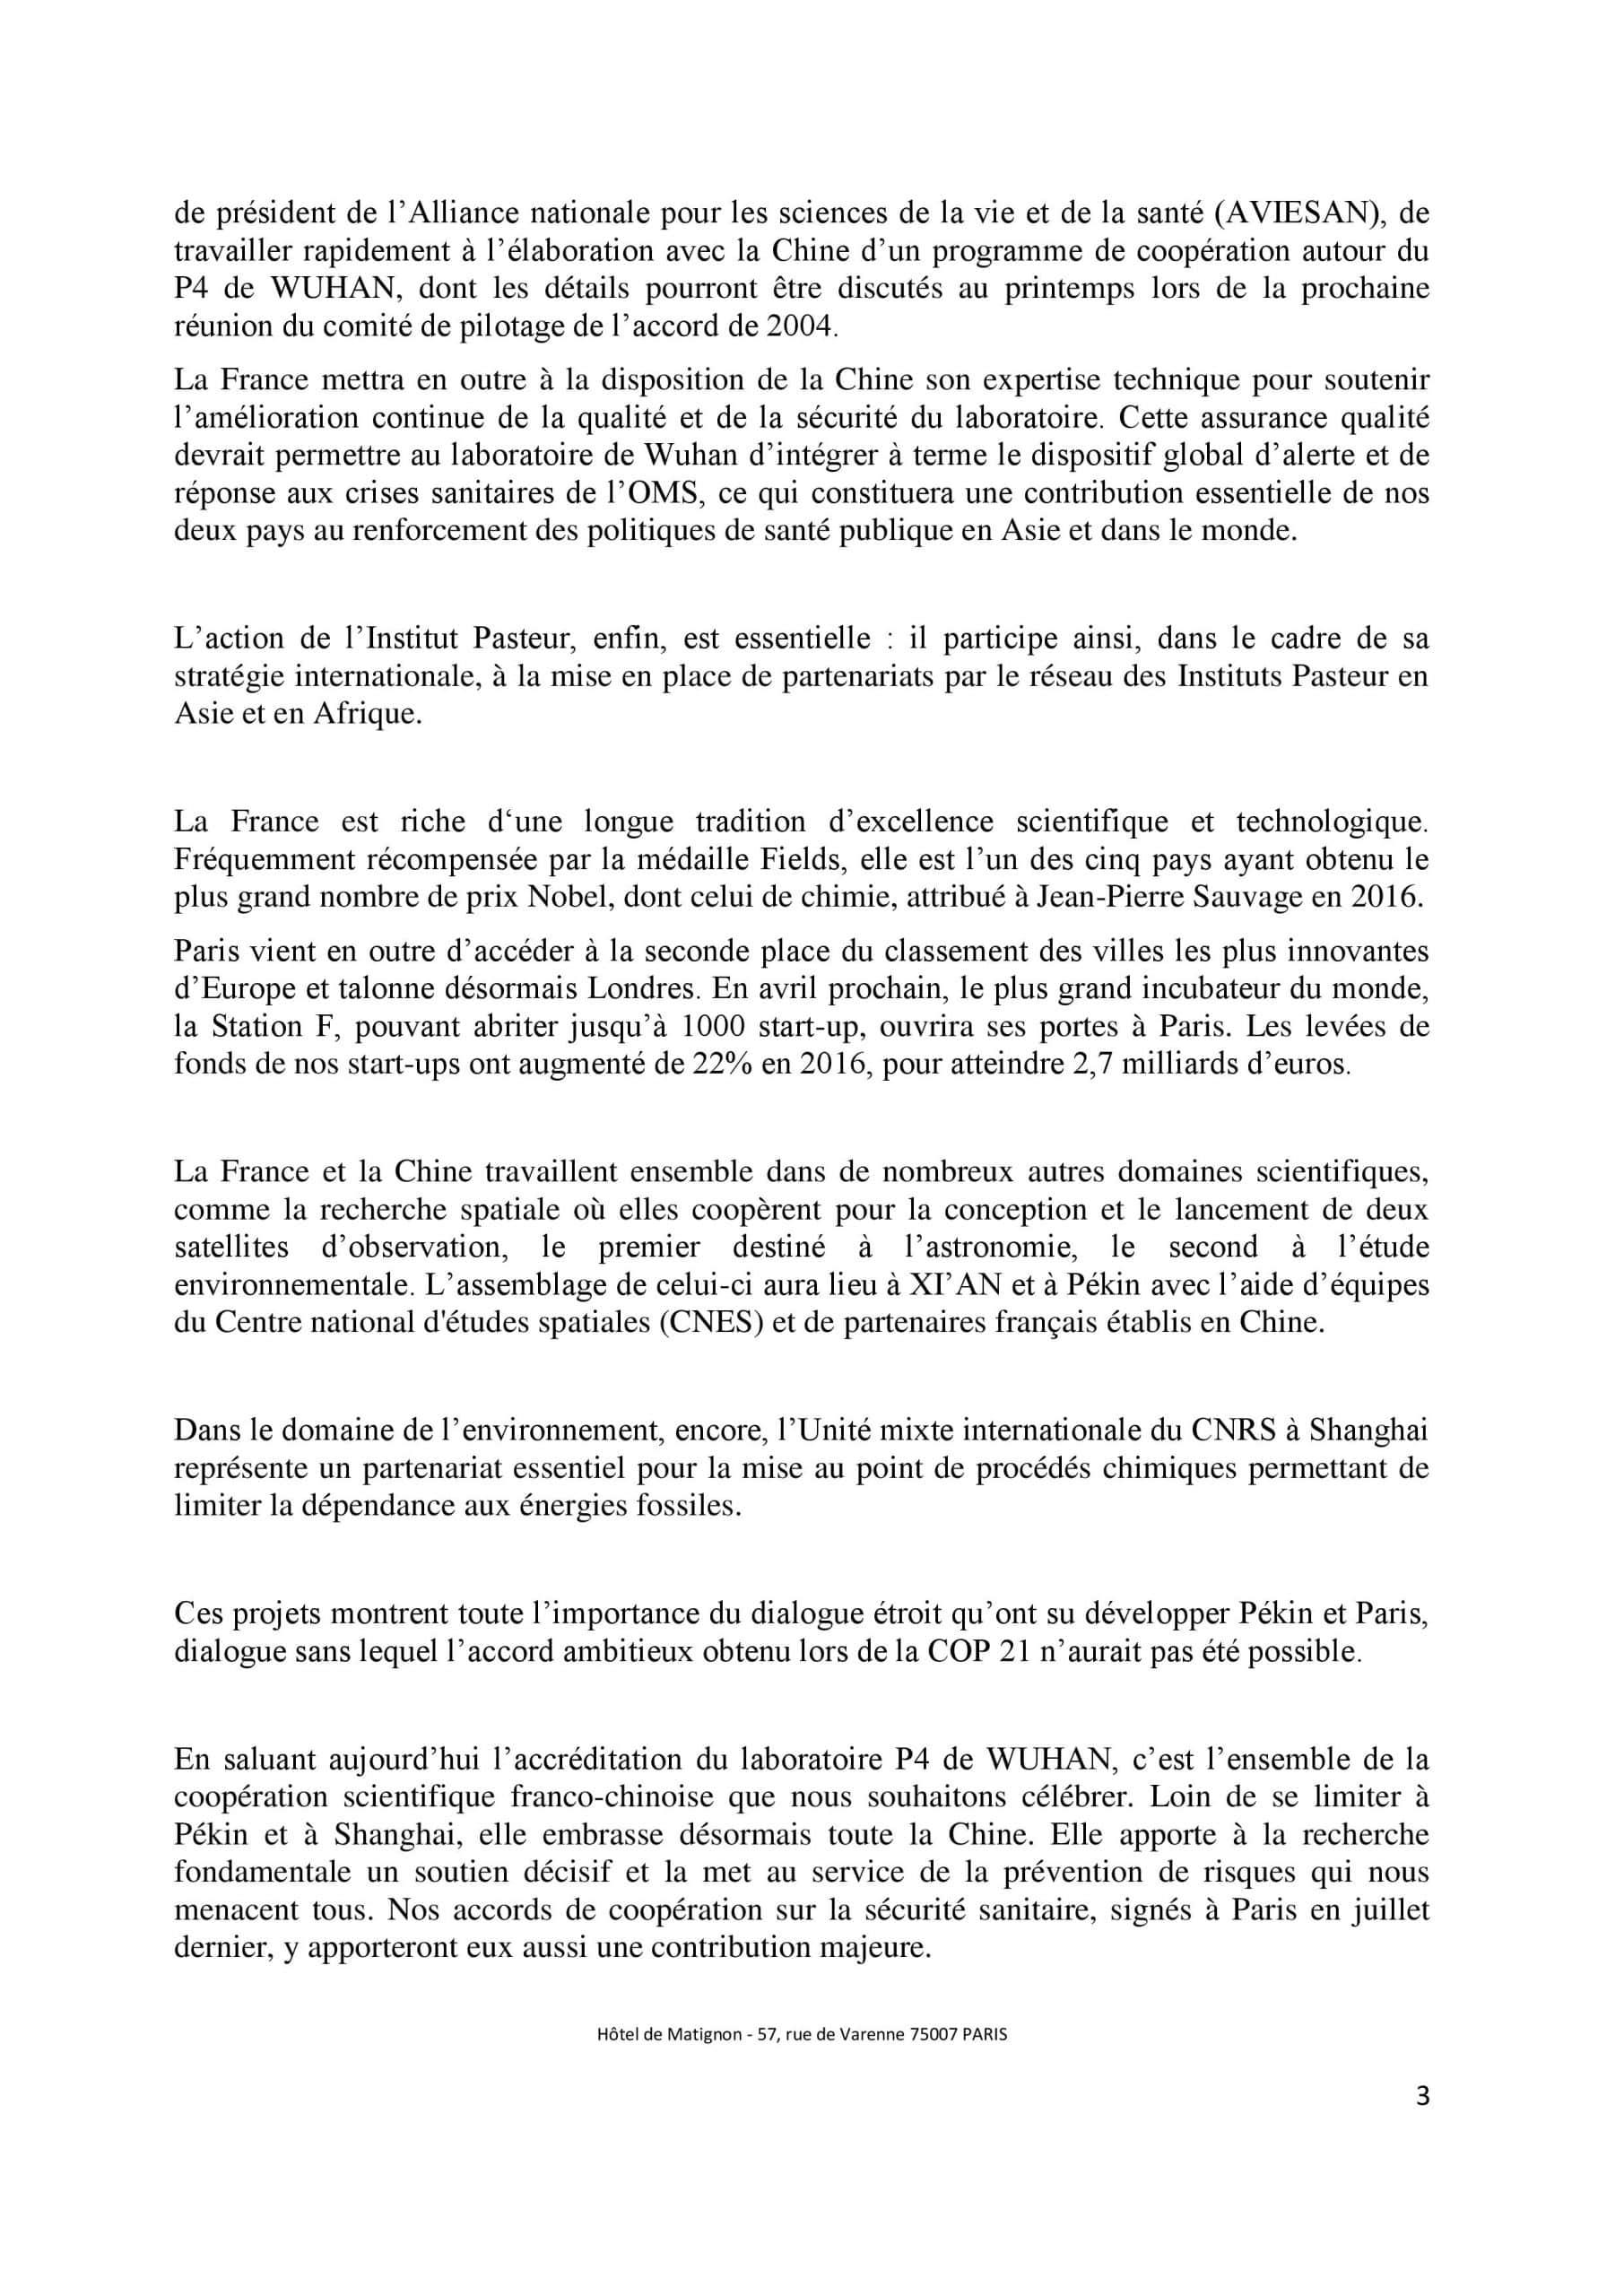 23.02.2017_discours_de_m._bernard_cazeneuve_premier_ministre_-_ceremonie_daccreditation_du_laboratoire_de_haute_securite_biologique_p4-page-003